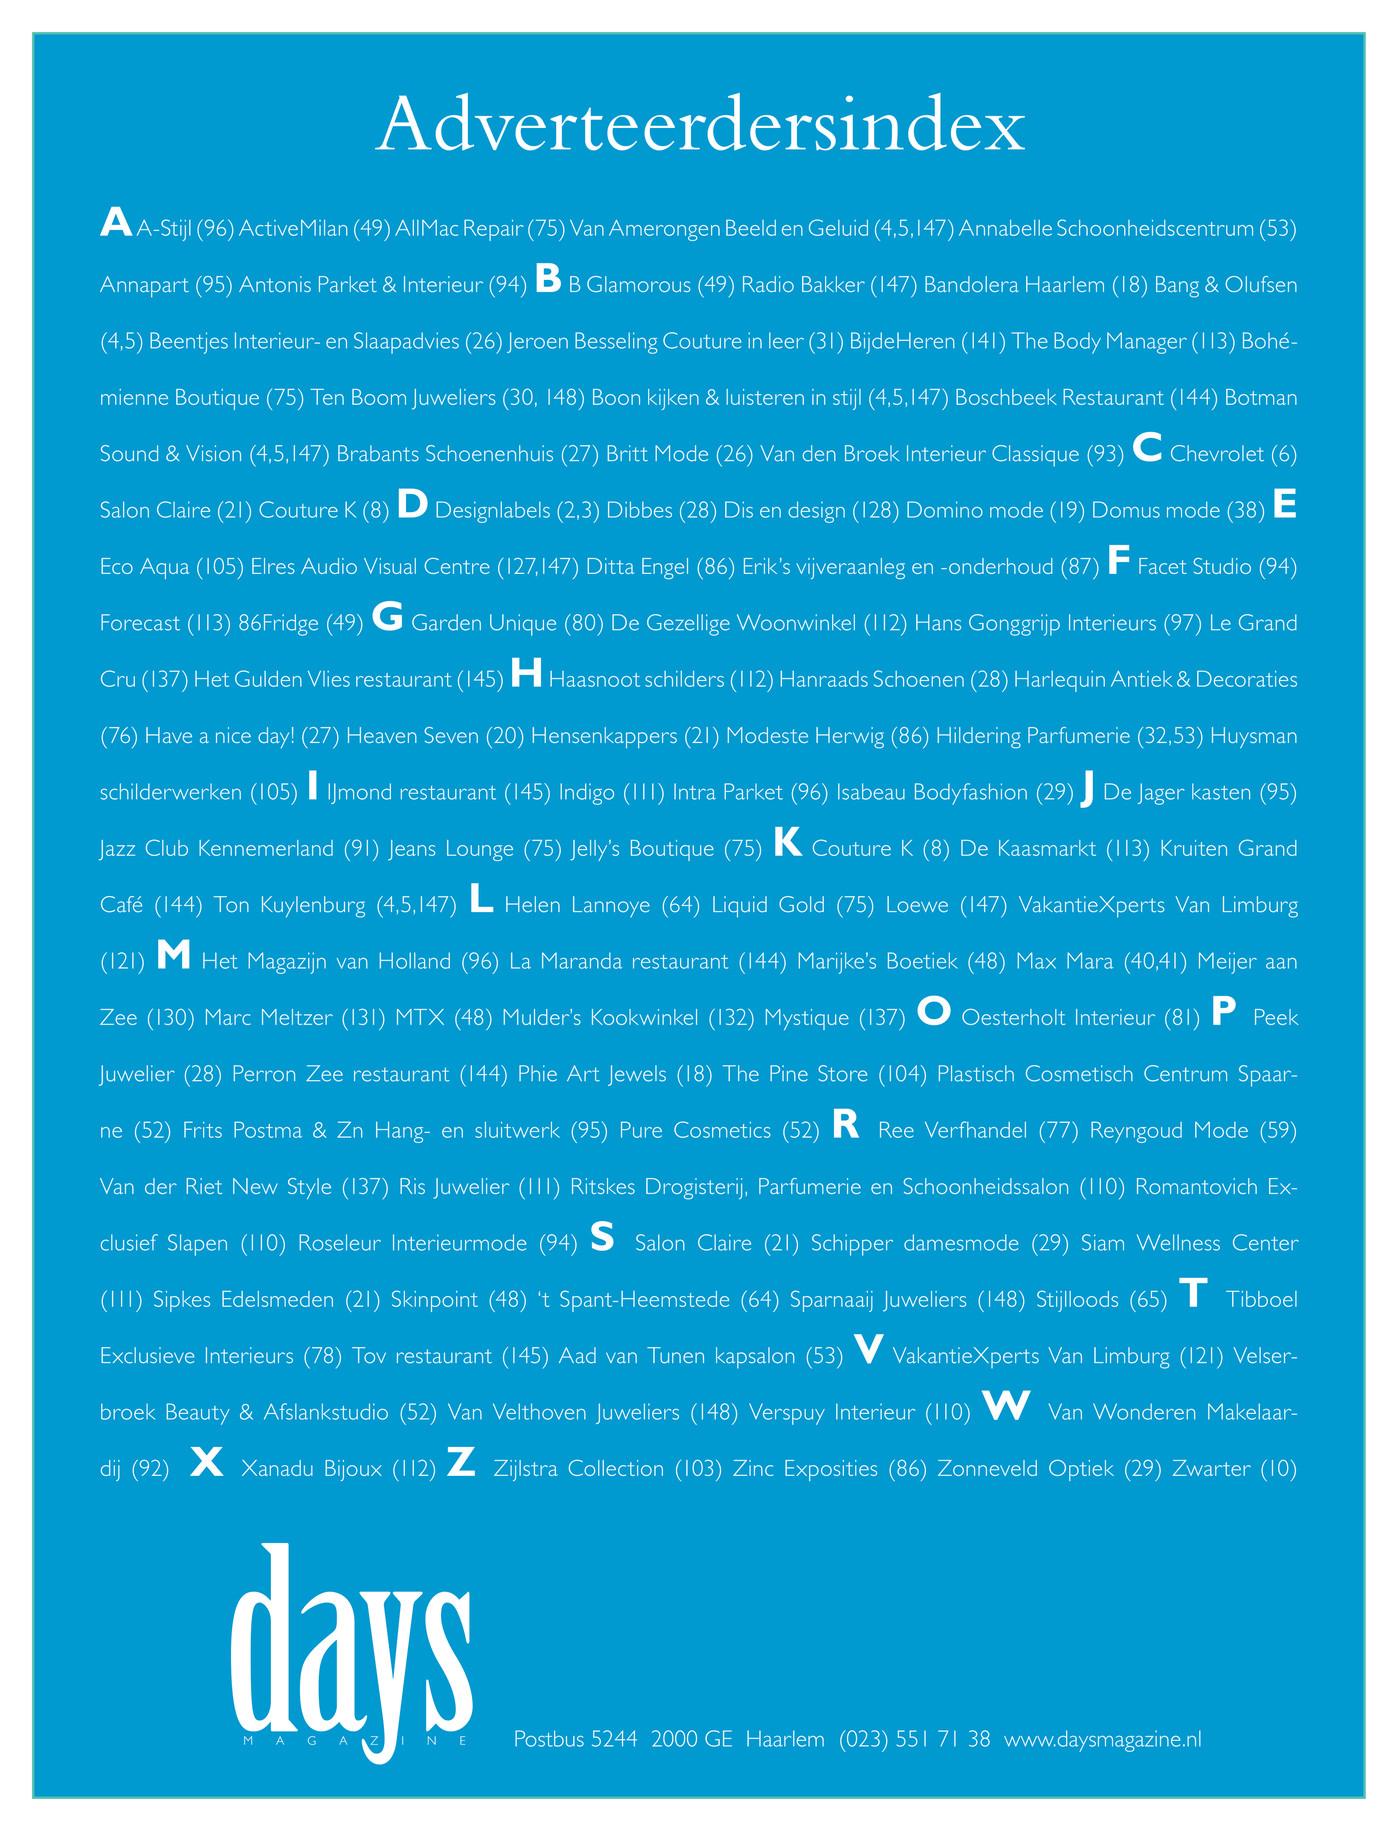 days magazine days10 voorjaar 2010 pagina 146 147